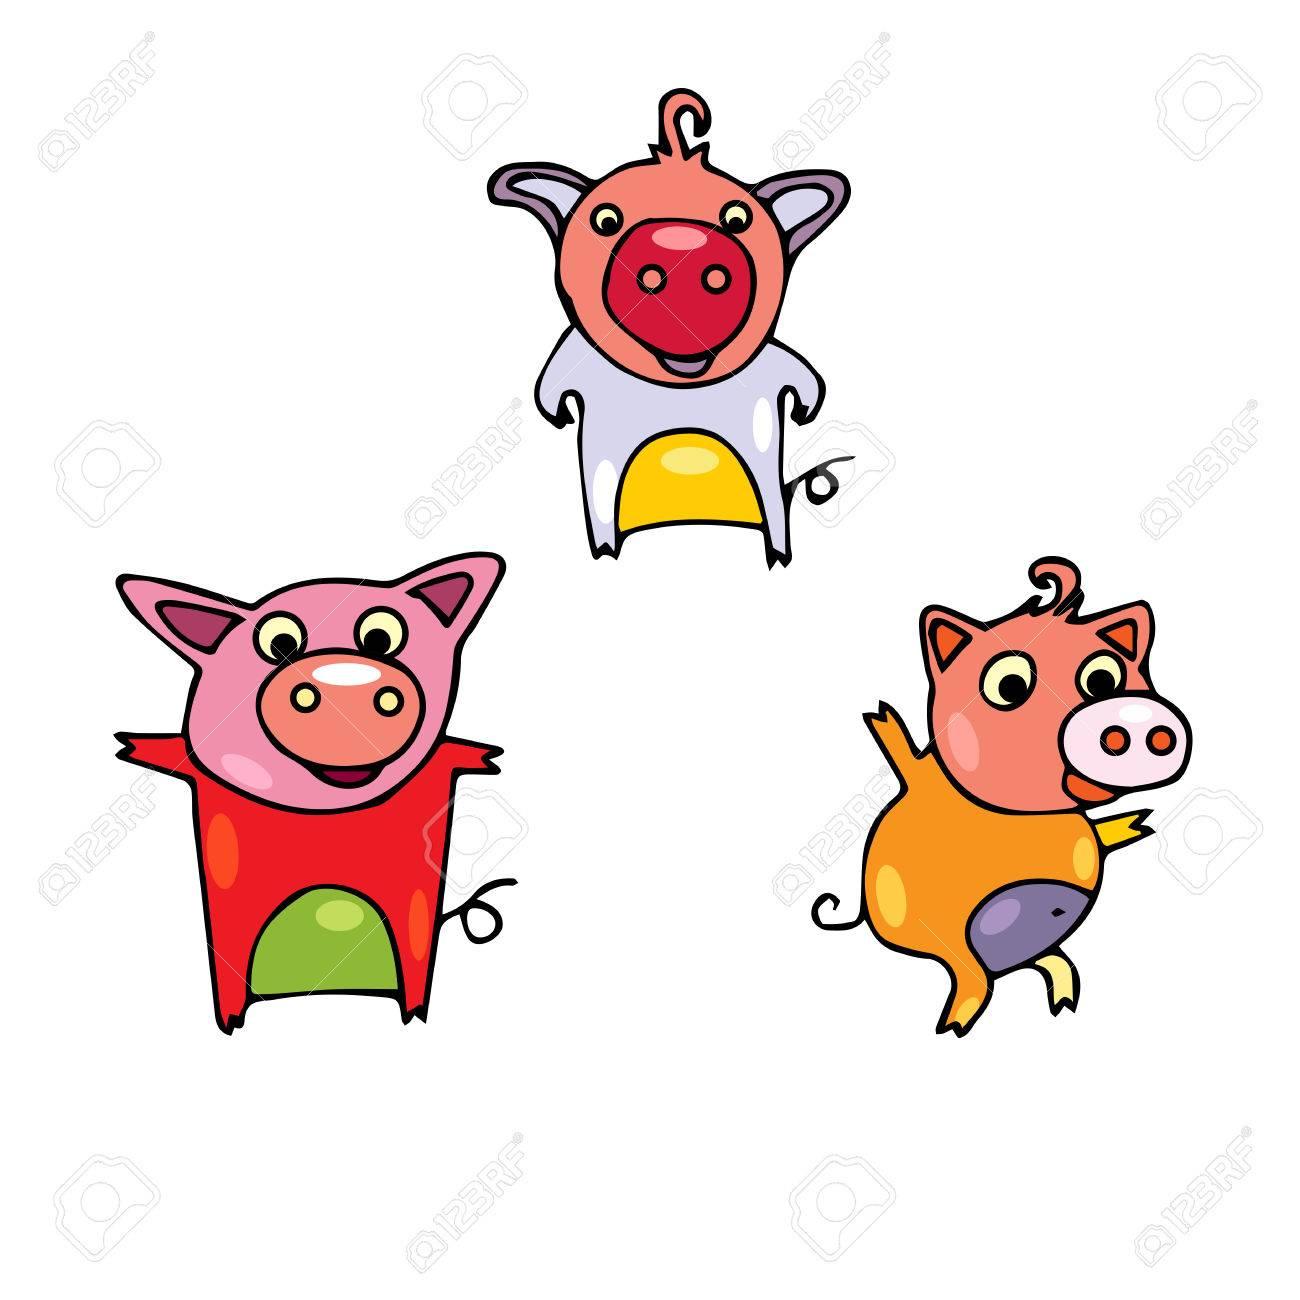 Ensemble De Cochons Mignons Peints De Différentes Couleurs. Porc Dessiné  Main Dans Le Style De Griffonnages. Sangliers Dessin Animé Avec Contour  Noir destiné Dessin De Cochon En Couleur